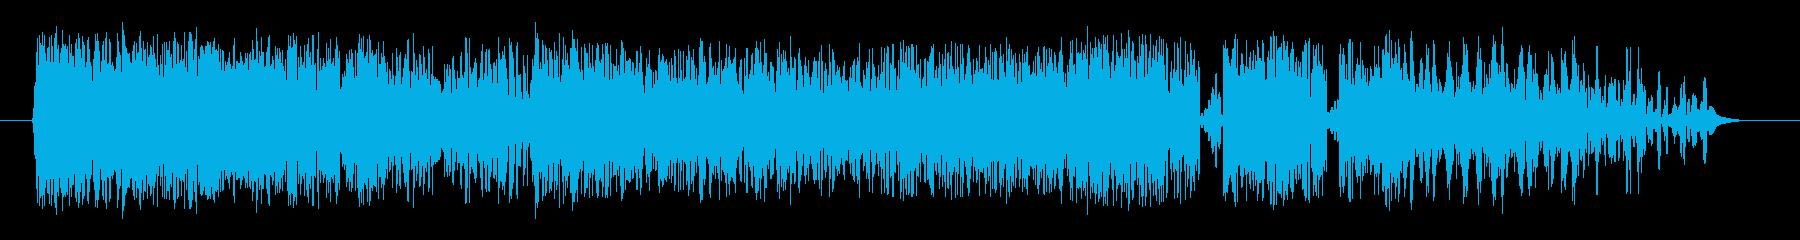 移行3の再生済みの波形